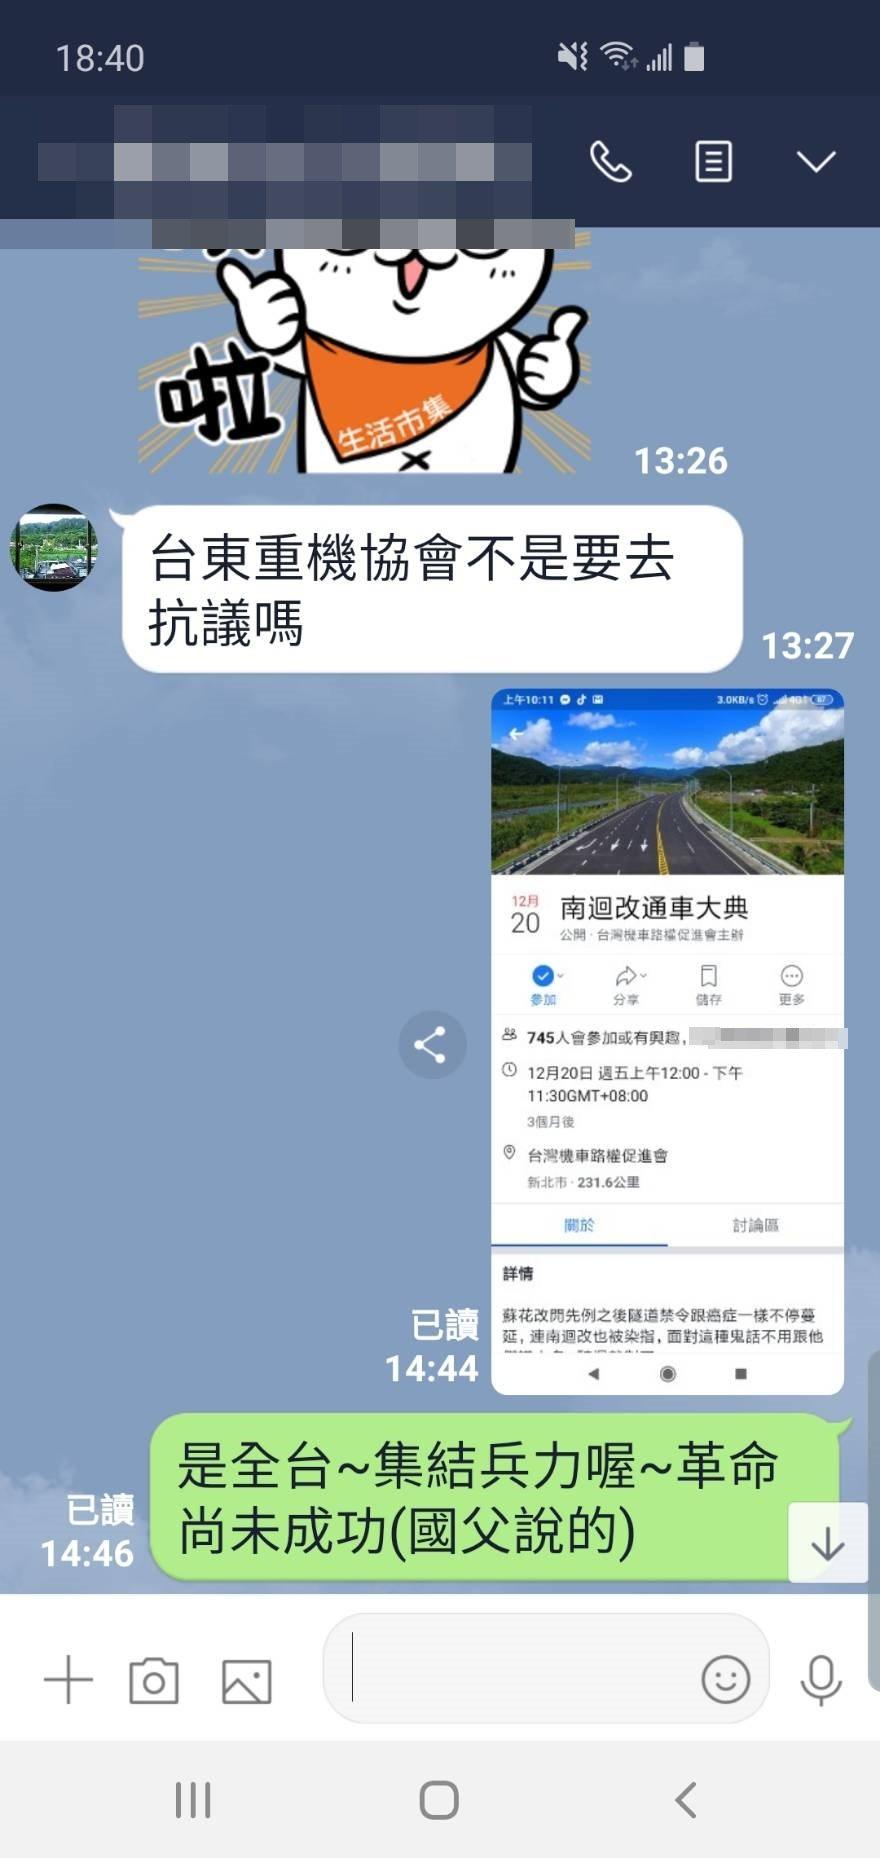 國內重機車友近來利用Line社群串聯,12月20日將辦全國性車聚活動,路過「南迴...